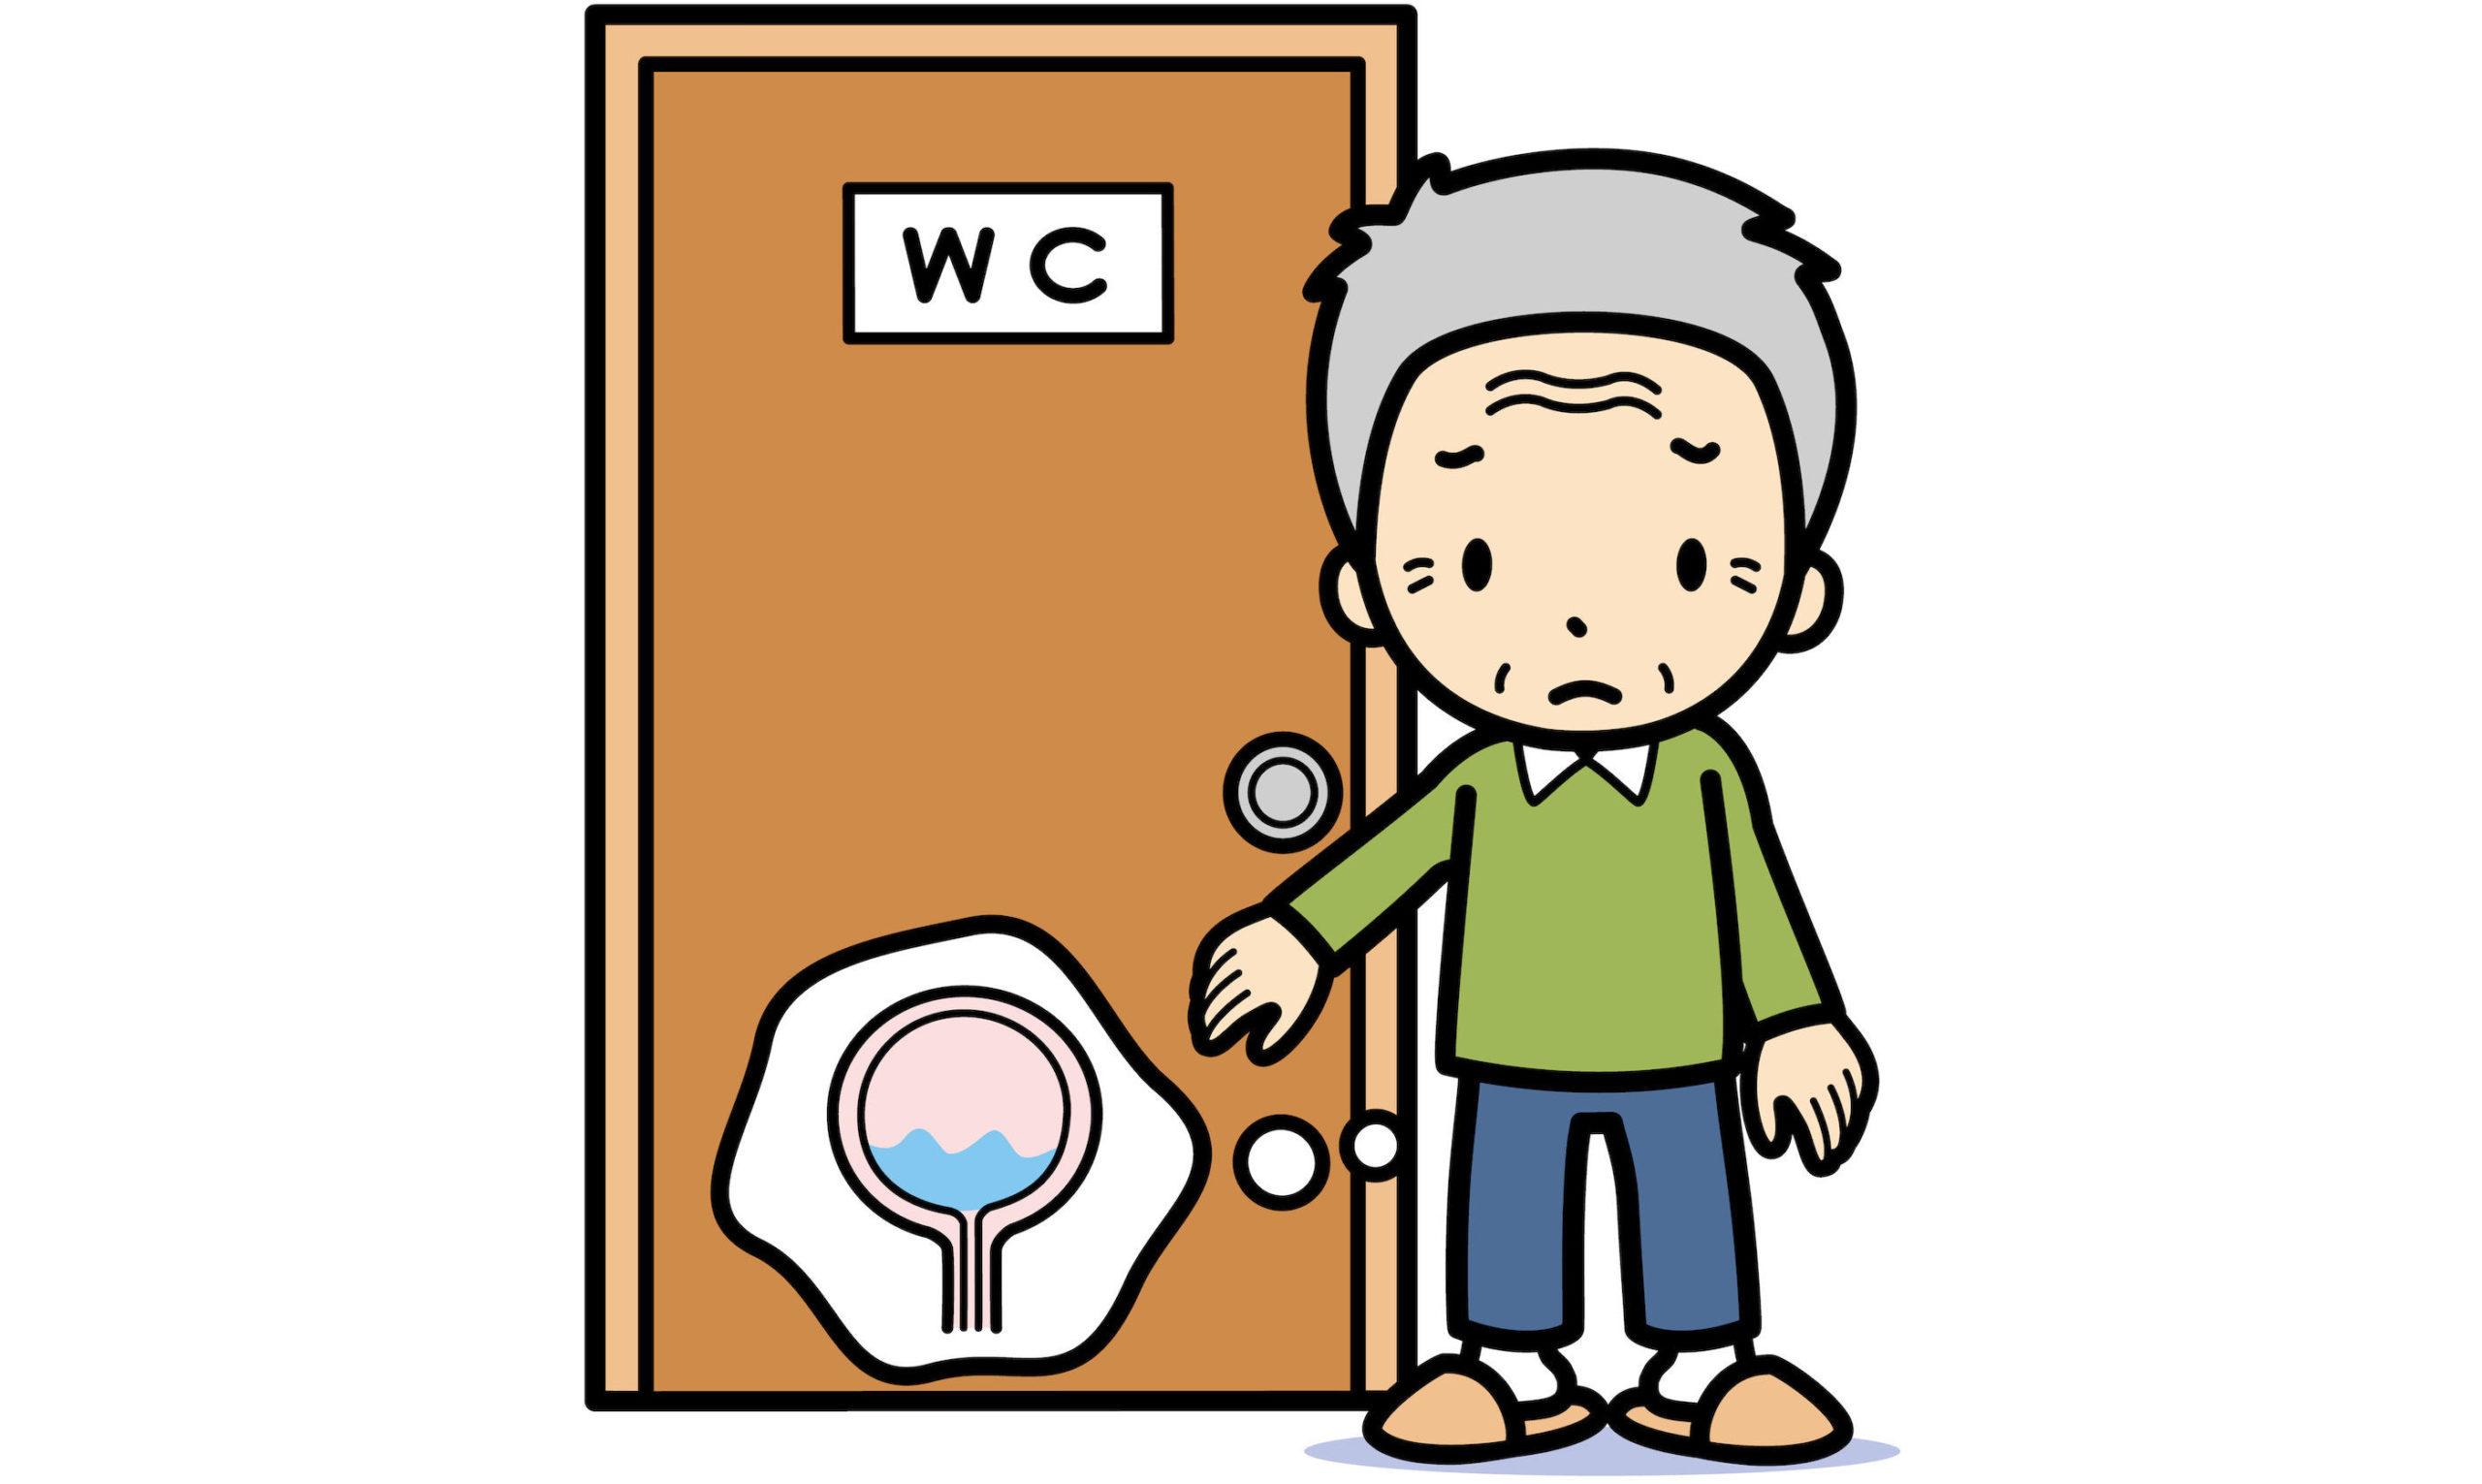 排尿障害(尿失禁、頻尿、排尿困難、尿閉)とは? 主な症状や原因、治療方法は?